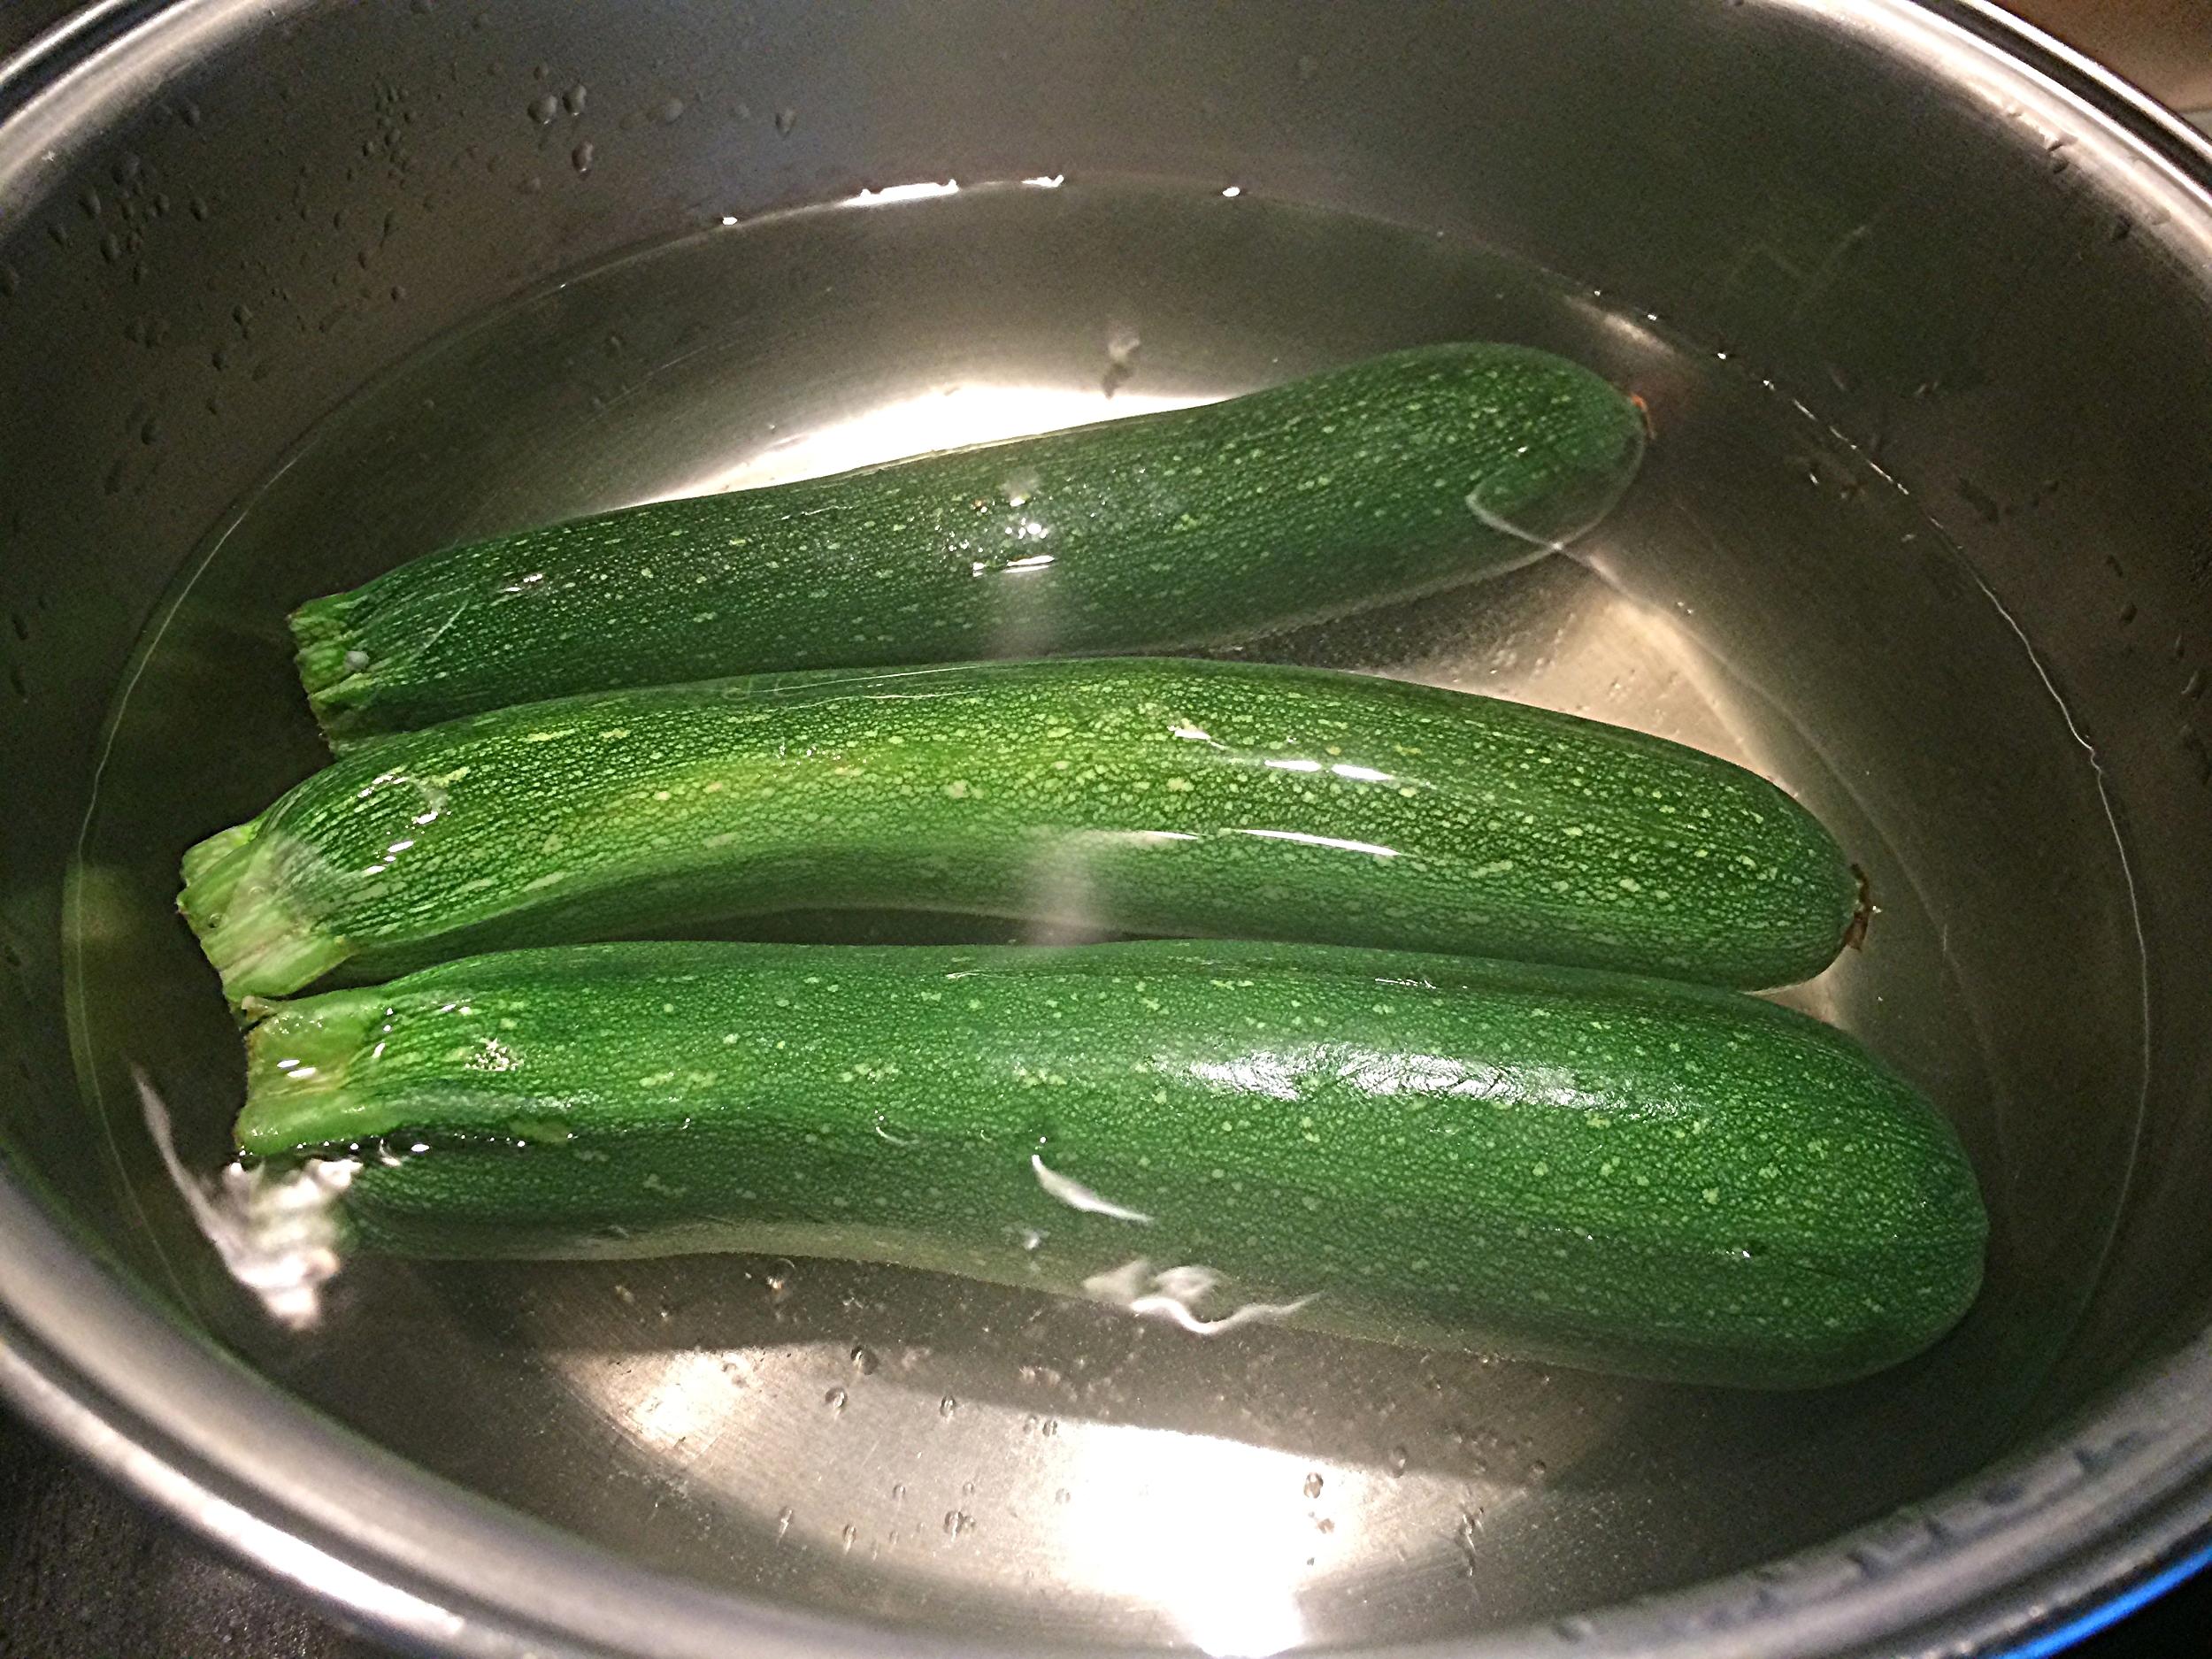 Enquanto a base do recheio esfria, coloque uma panela larga cheia de água no fogo. Junte uma colher de sopa cheia de sal refinado. Deixe a água entrar em ebulição e coloqueasabobrinhaslavadas, com cuidado. Deixe-as cozinhar. O ponto correto é quando vocêespeta uma faca nelas e elasse desprendem da faca rapidamente. Cuidado pra não cozinhar demais:as abobrinhas ainda irão ao forno! Uma vez prontas, retire-as do fogo, escorra a água quente e coloque-as em banho maria invertido, ou seja, de molho em água com gelo, até que esfriem por completo.